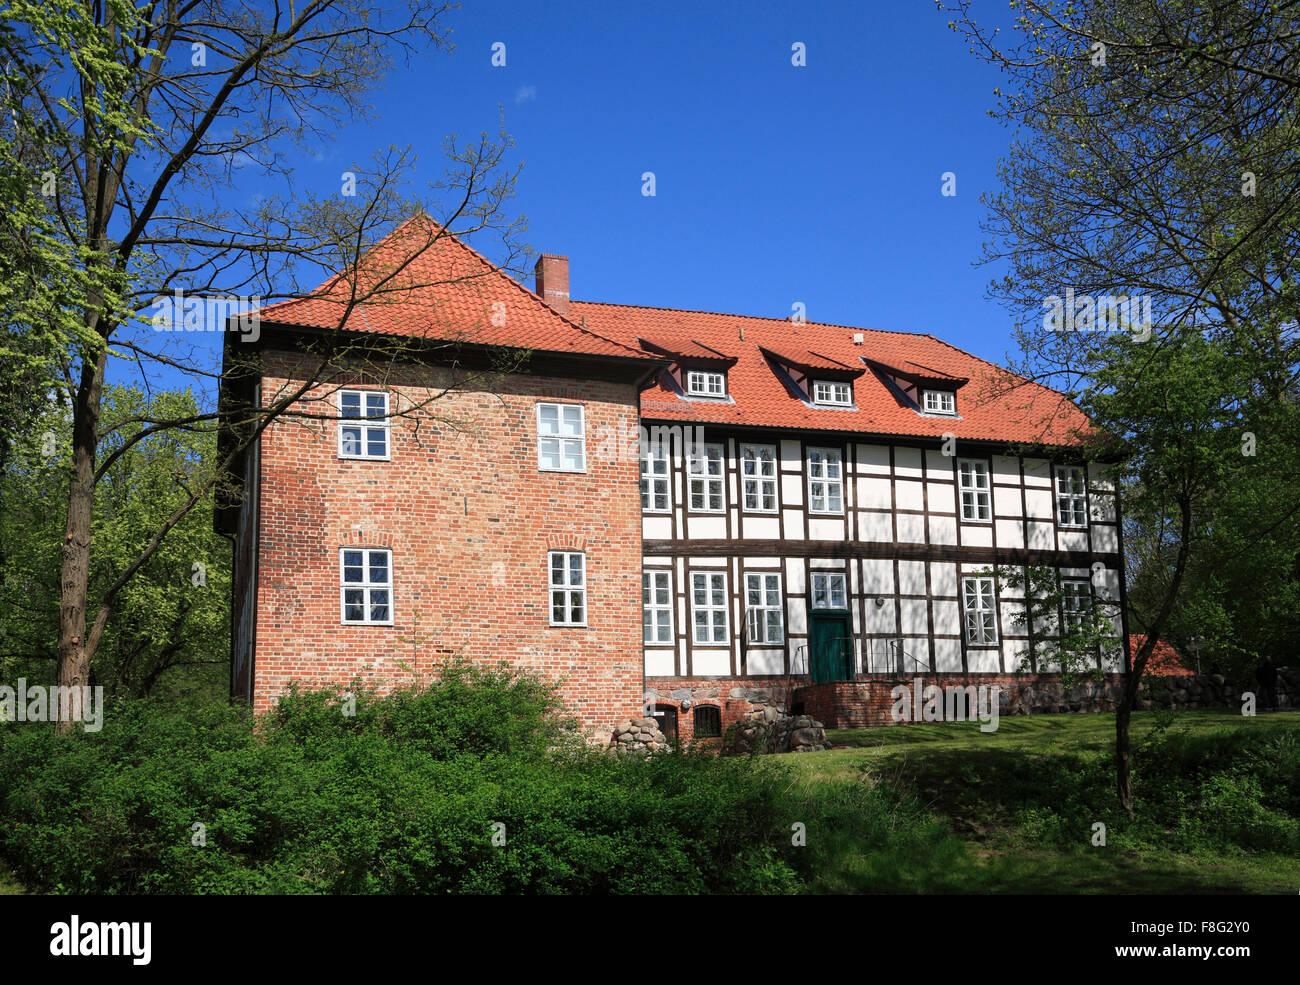 Senken Sie Burg Bodenteich, Uelzen, Niedersachsen, Deutschland, Europa Stockbild